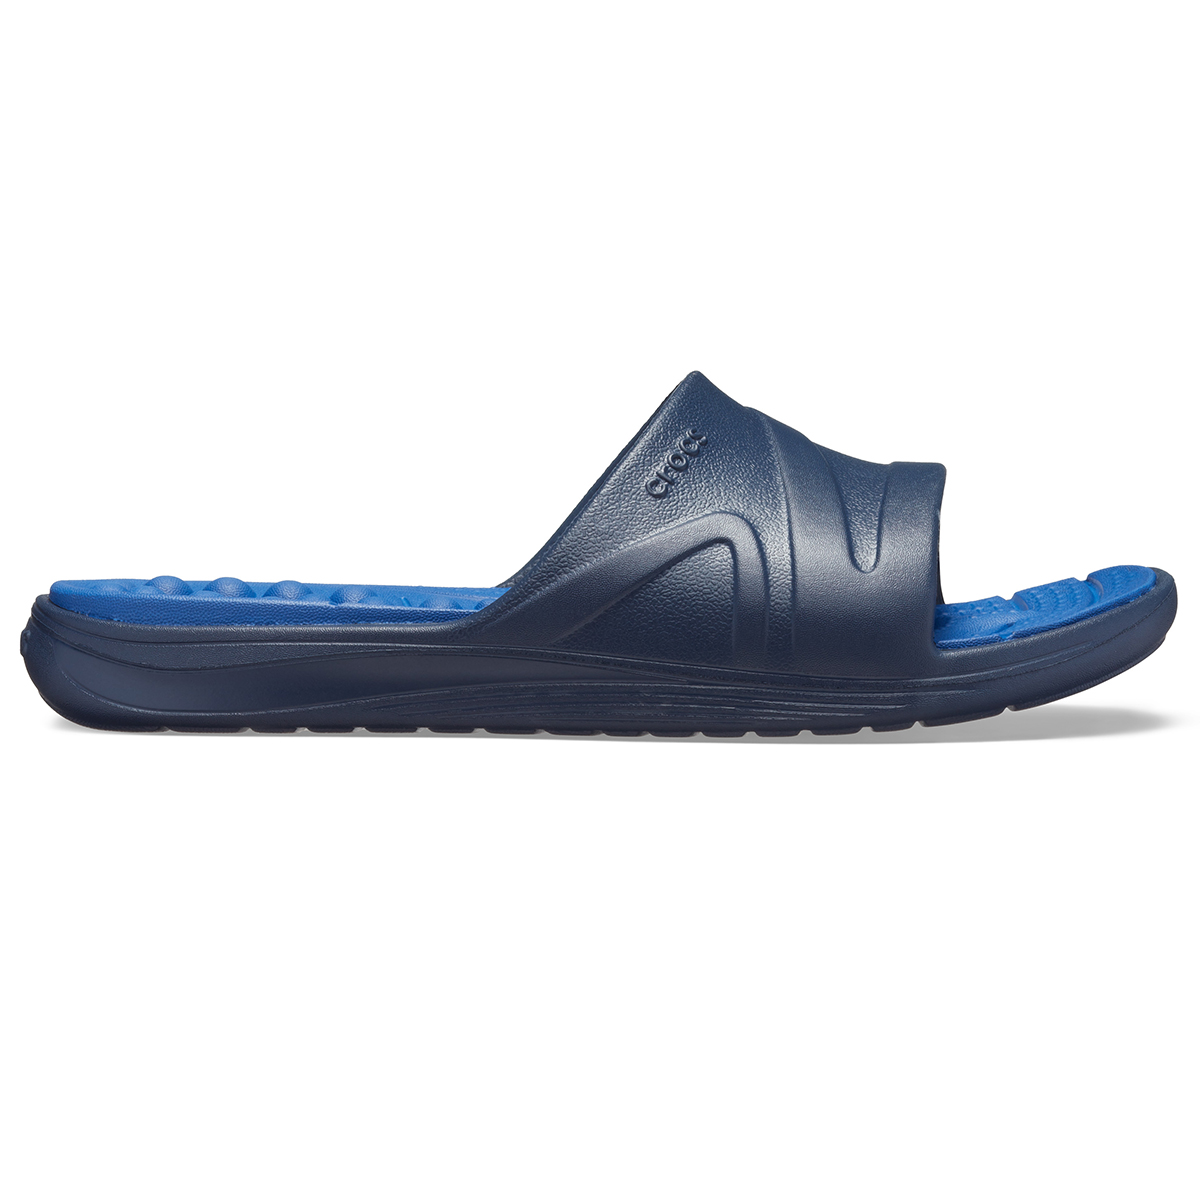 Crocs Reviva Slide - Lacivert/Mavi Jean